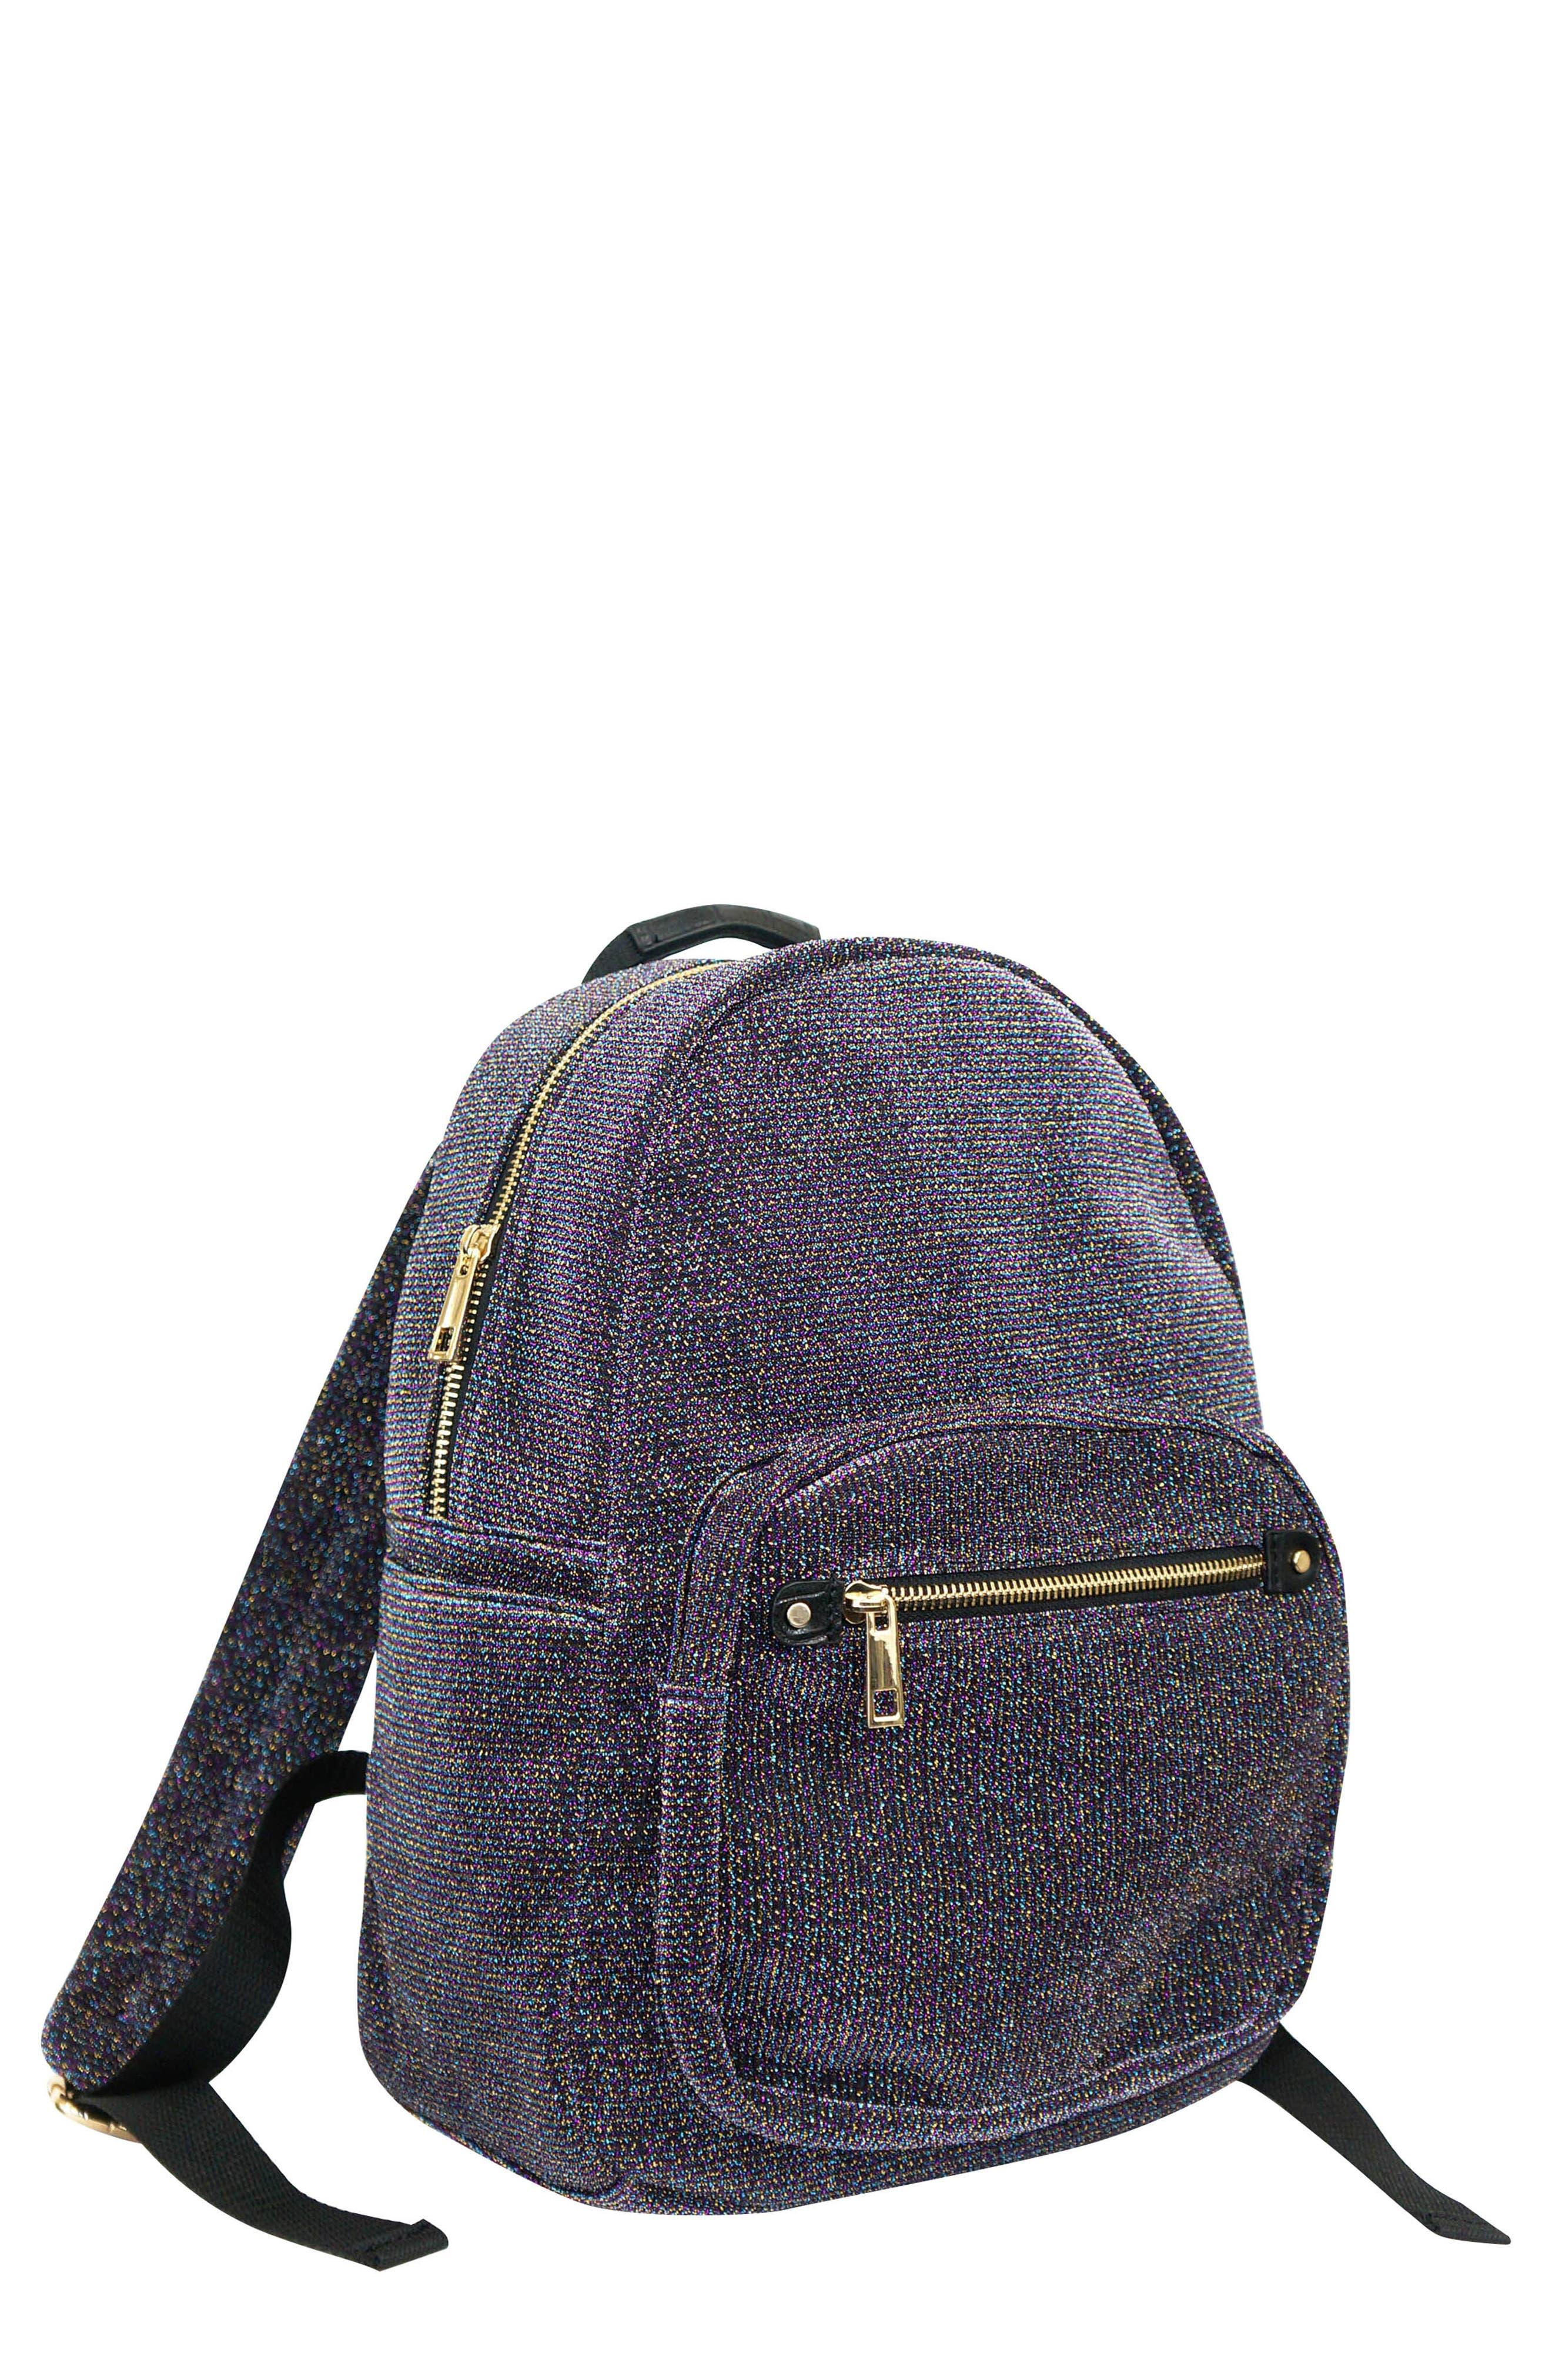 Mini Metallic Backpack,                             Main thumbnail 1, color,                             PURPLE MULTI